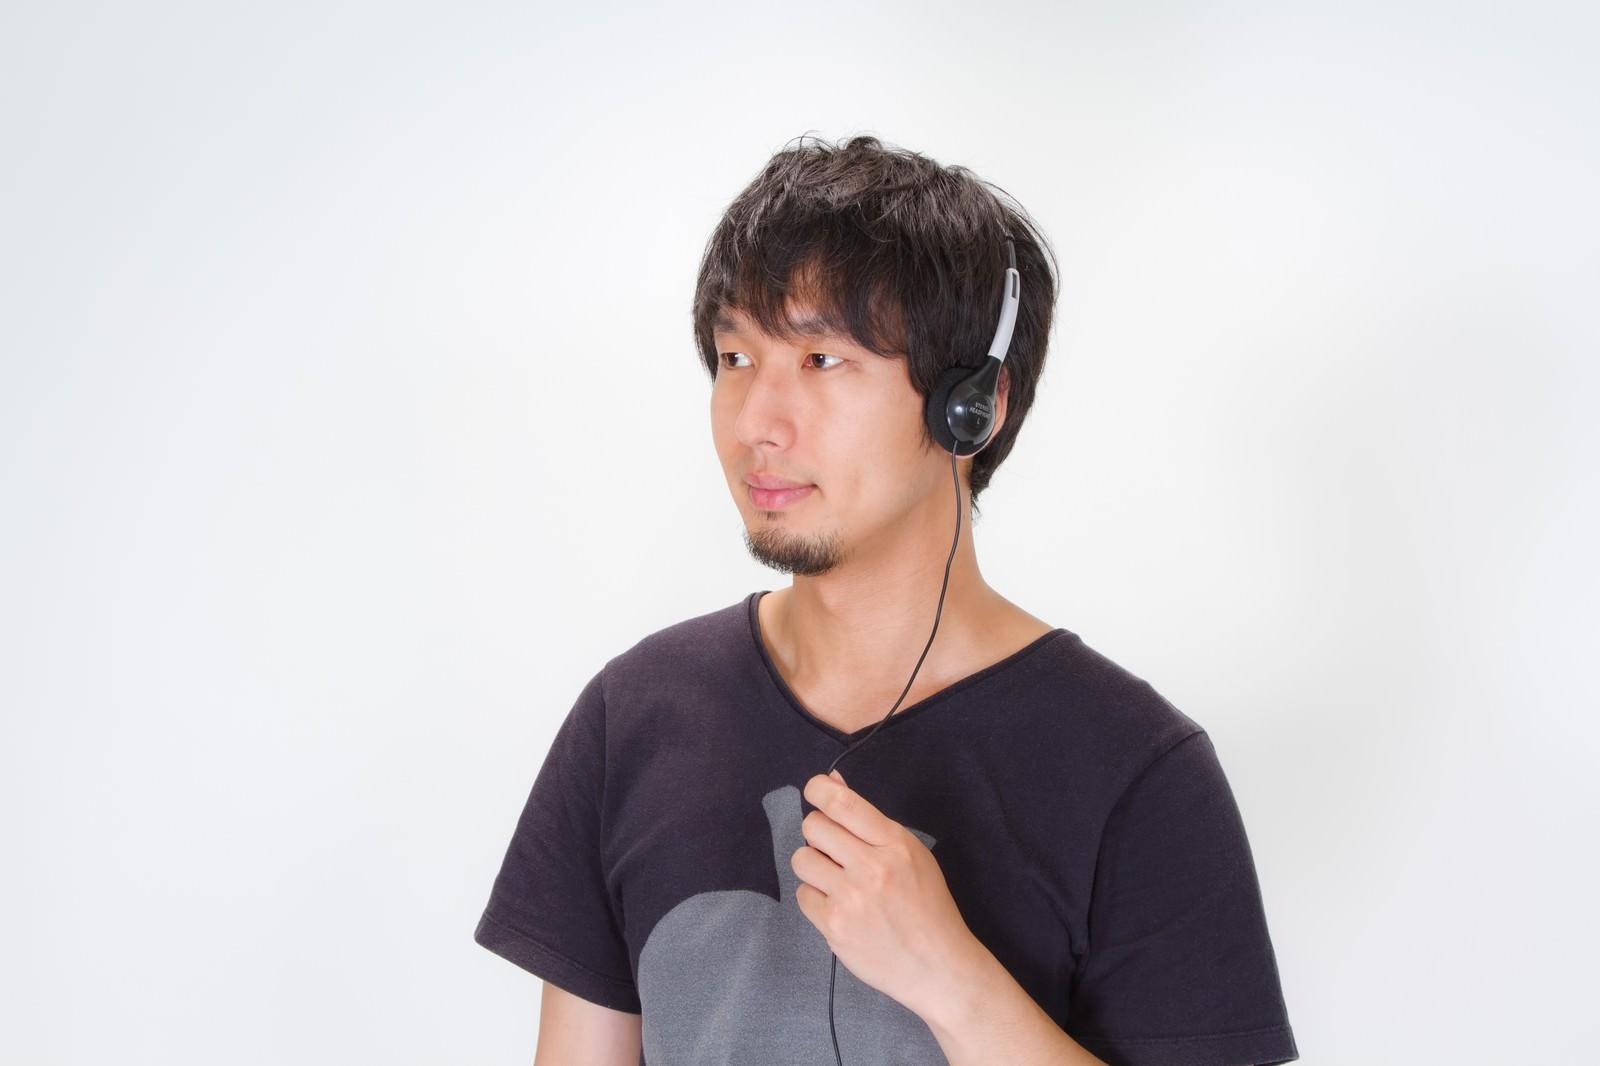 「ヘッドフォンで音楽を聴く男性ヘッドフォンで音楽を聴く男性」[モデル:大川竜弥]のフリー写真素材を拡大